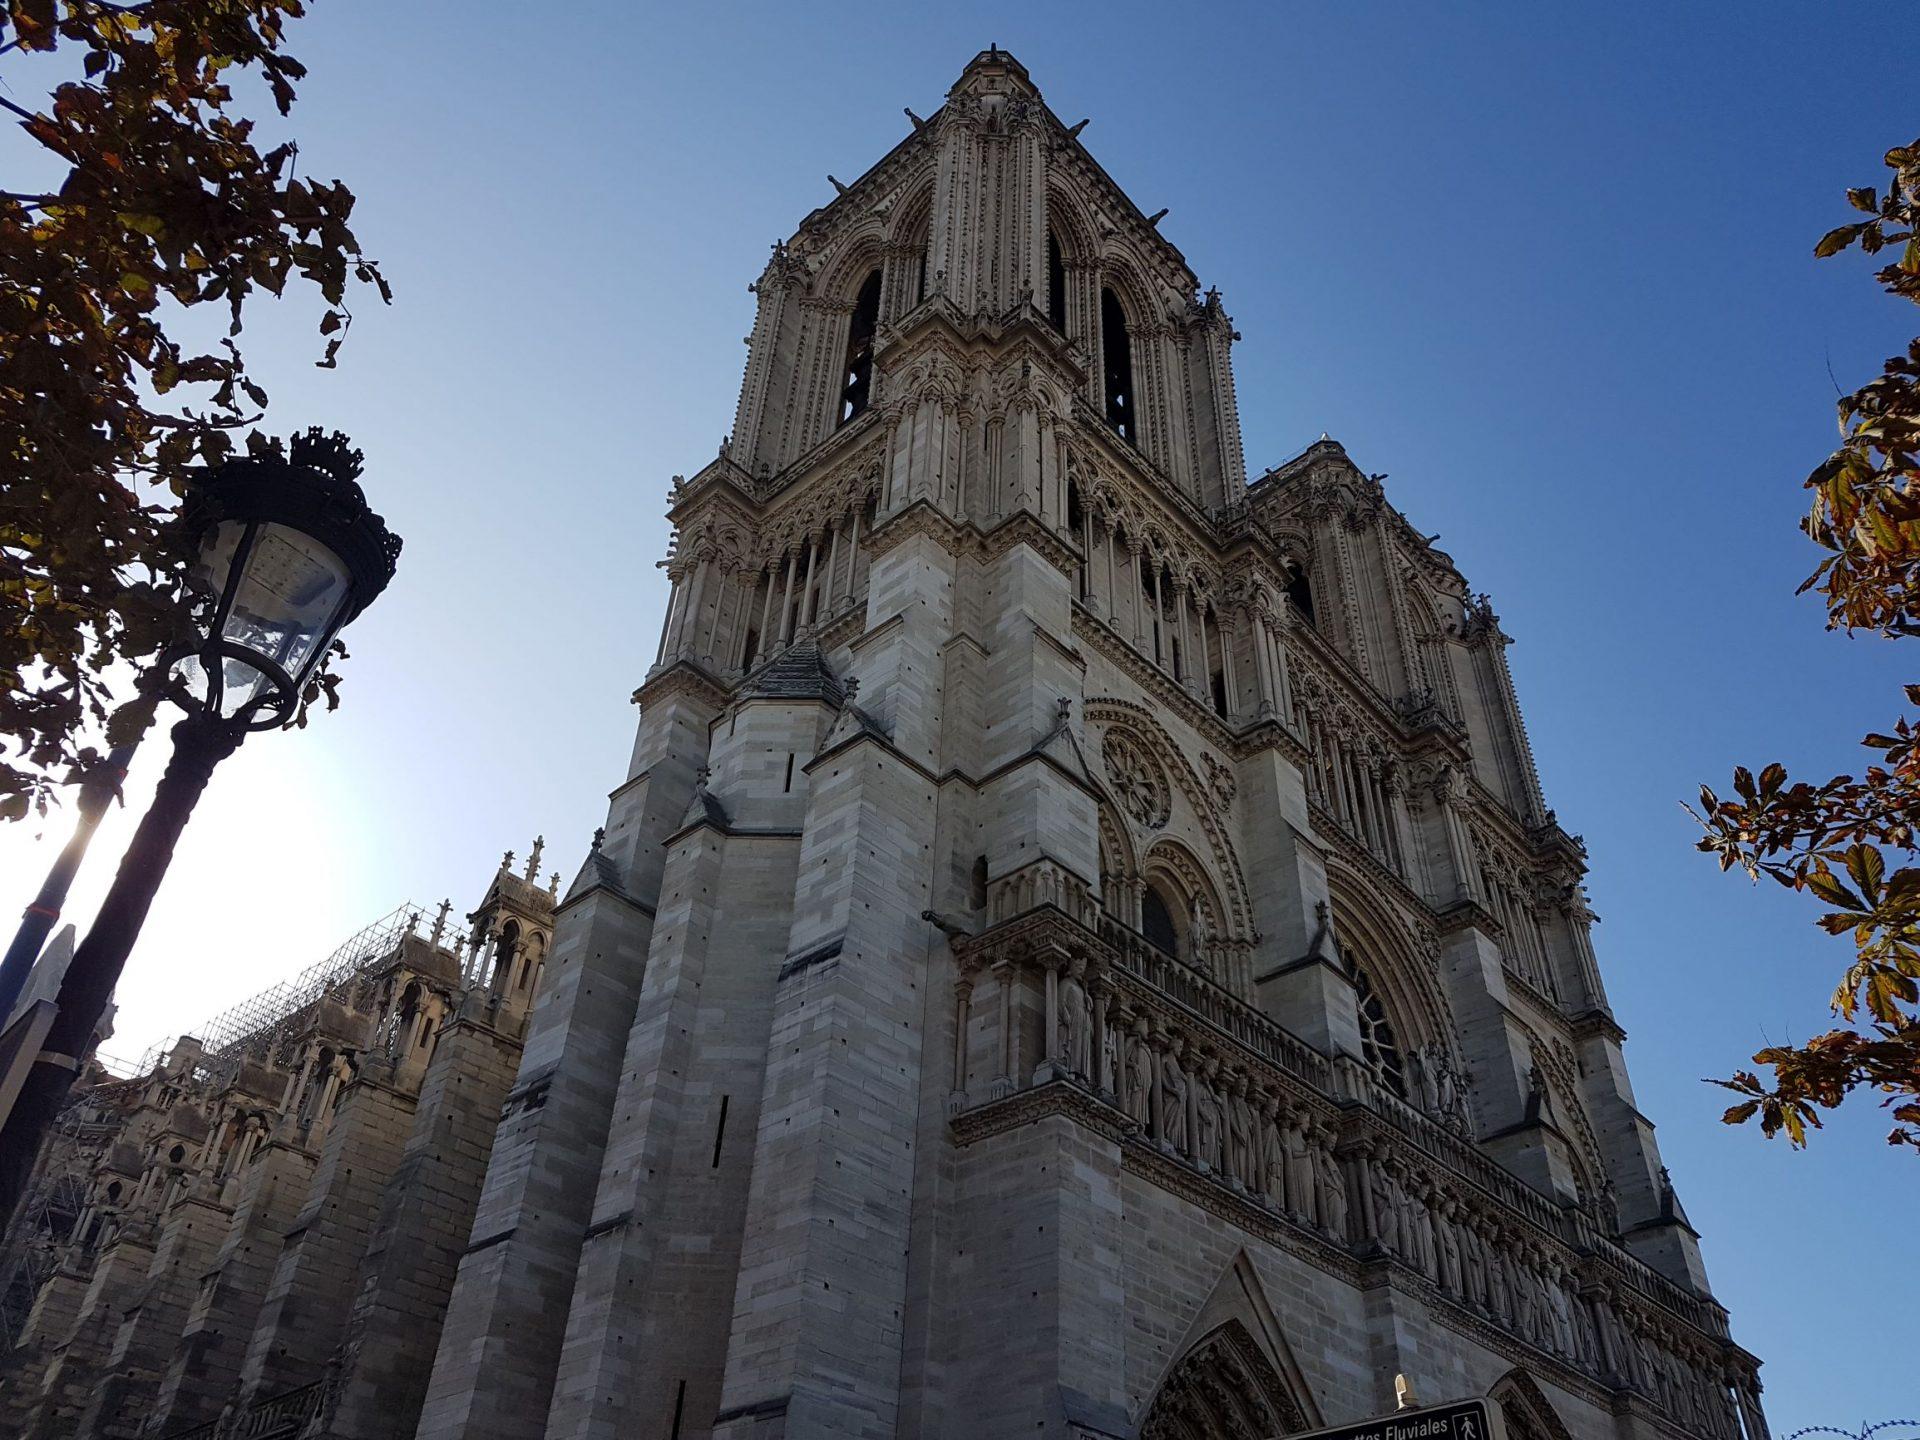 Собор Парижской Богоматери, Париж, Франция. Сентябрь, 2019